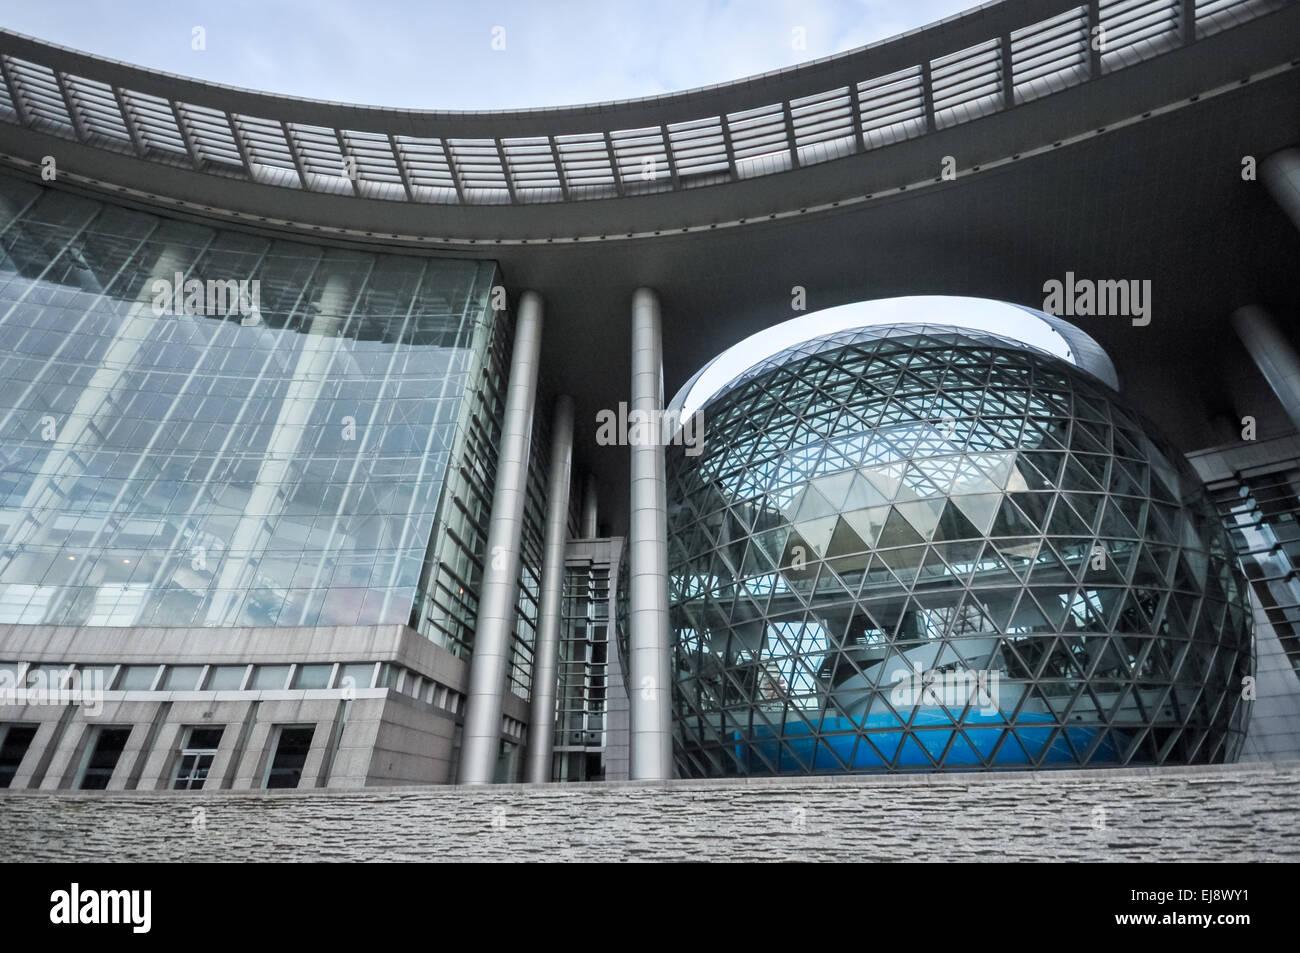 Shanghai Museo di Scienza e tecnologia in Cina Immagini Stock